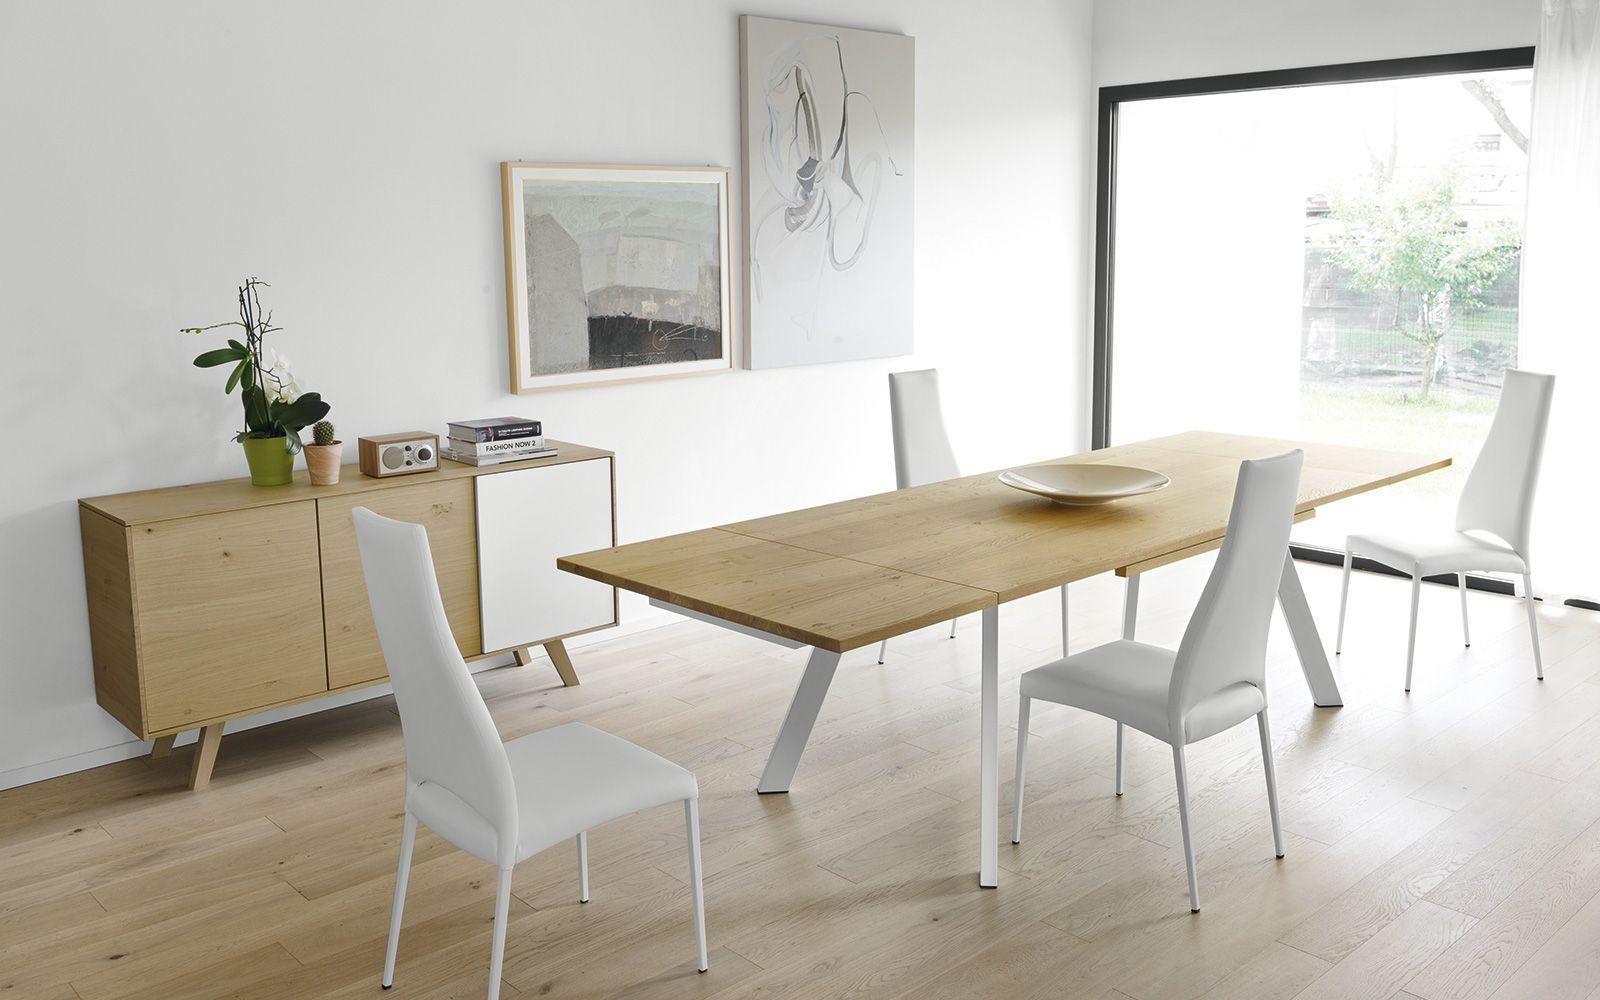 Ingenia Sedie ~ Scab design produttore di sedie tavoli sgabelli imbottiti